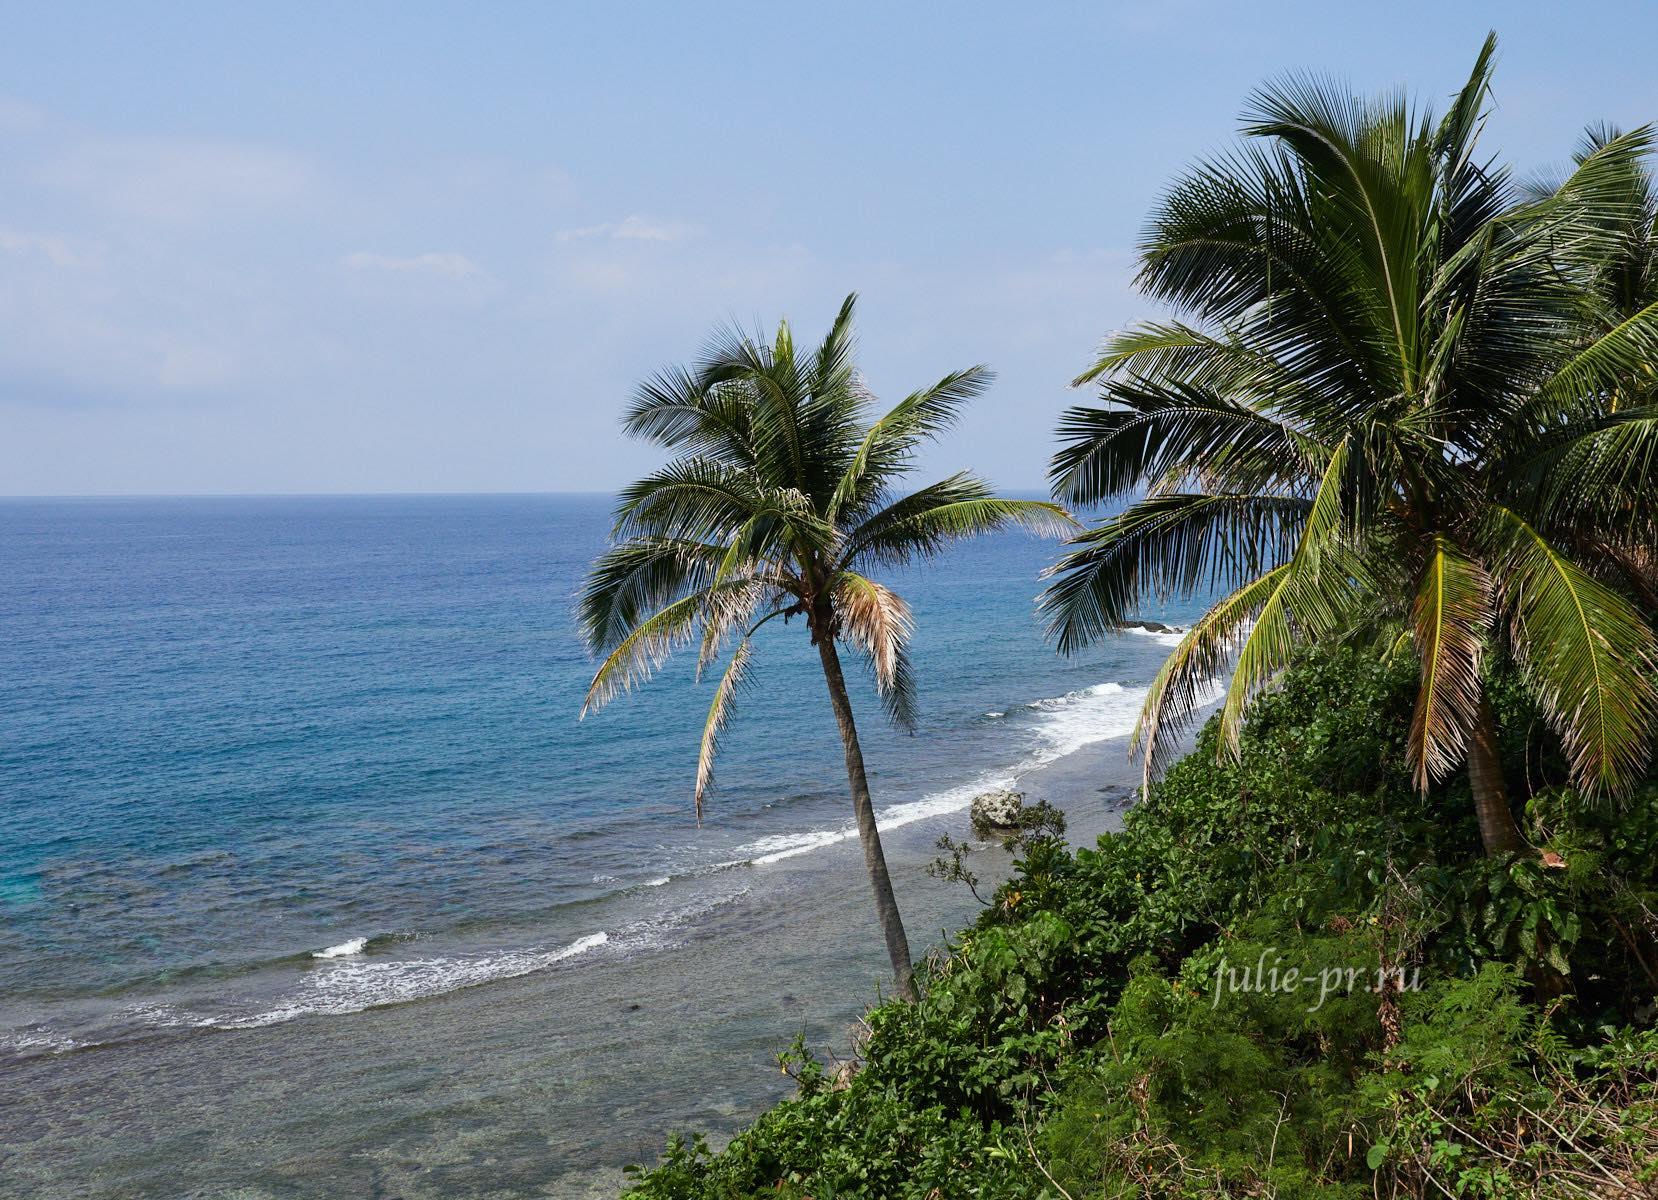 Филиппины, острова Батанес, пальмы на побережье